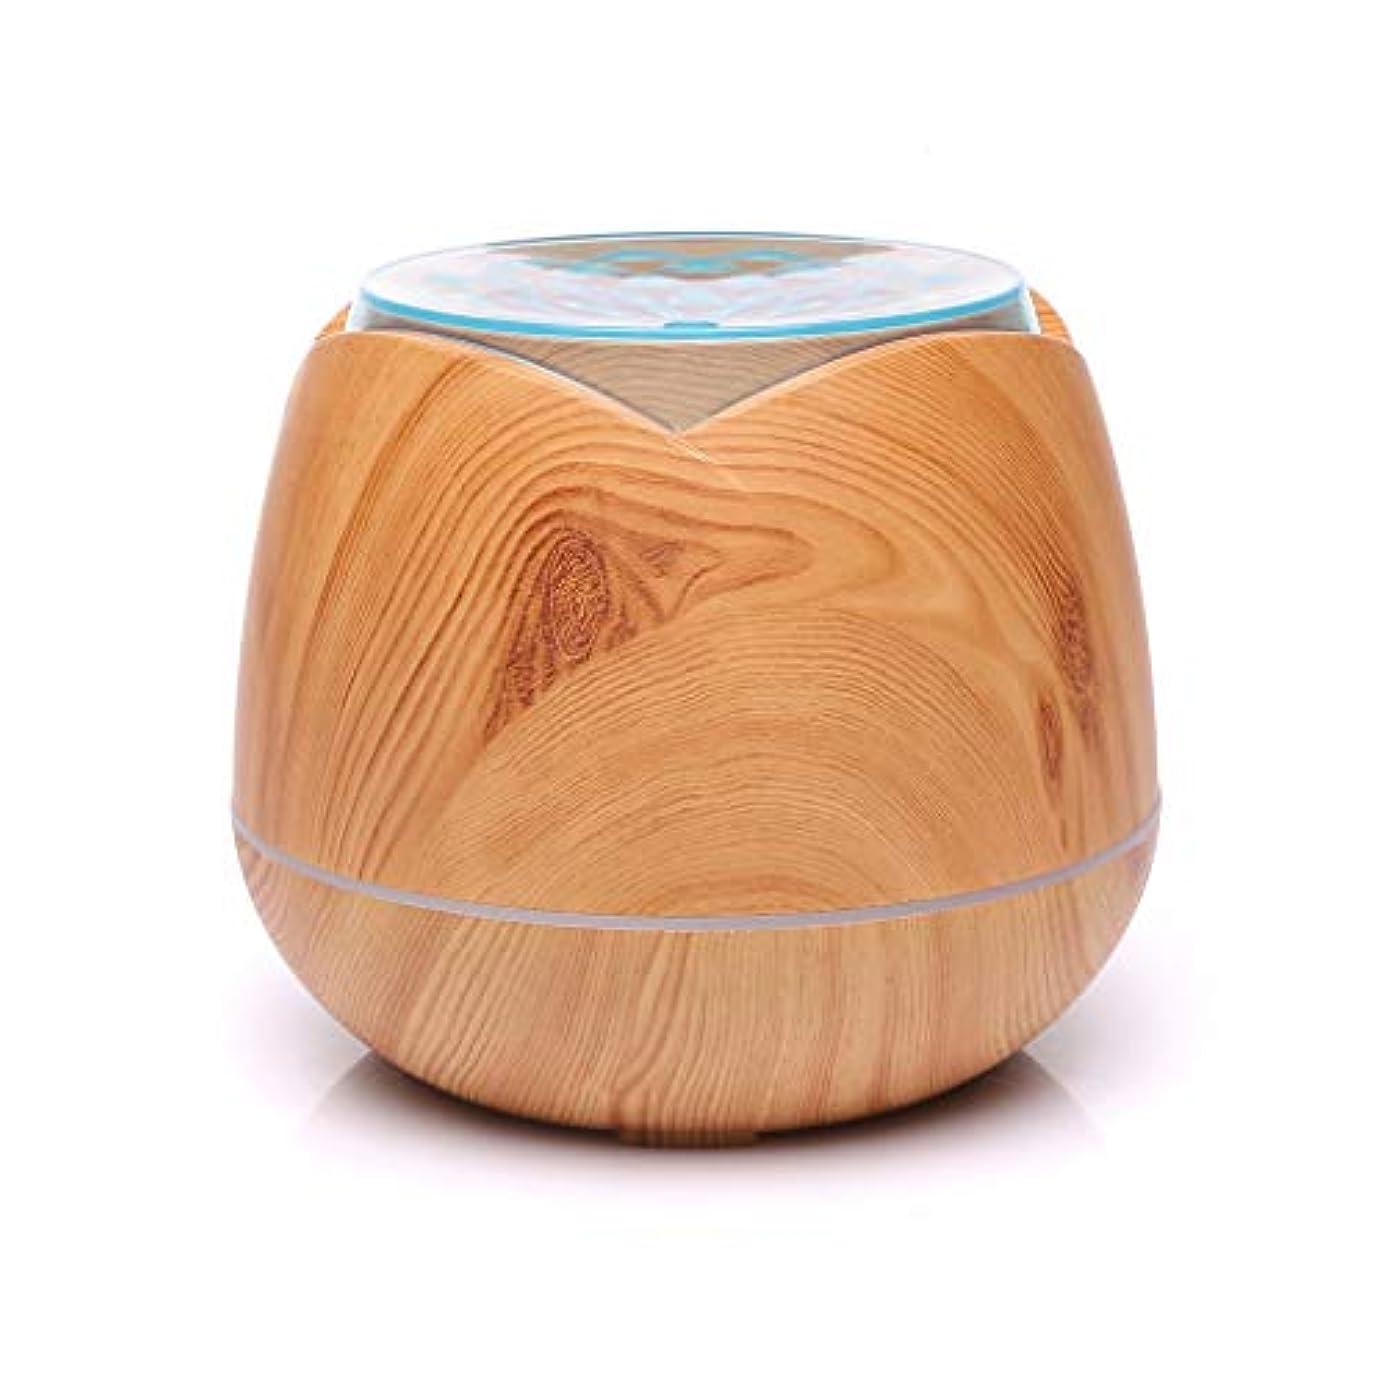 ストロー折る拍手する涼しい霧の空気加湿器、家、ヨガ、オフィス、鉱泉、寝室のために変わる色LEDライトと超音波400ml - 木目 - (Color : Light wood grain)